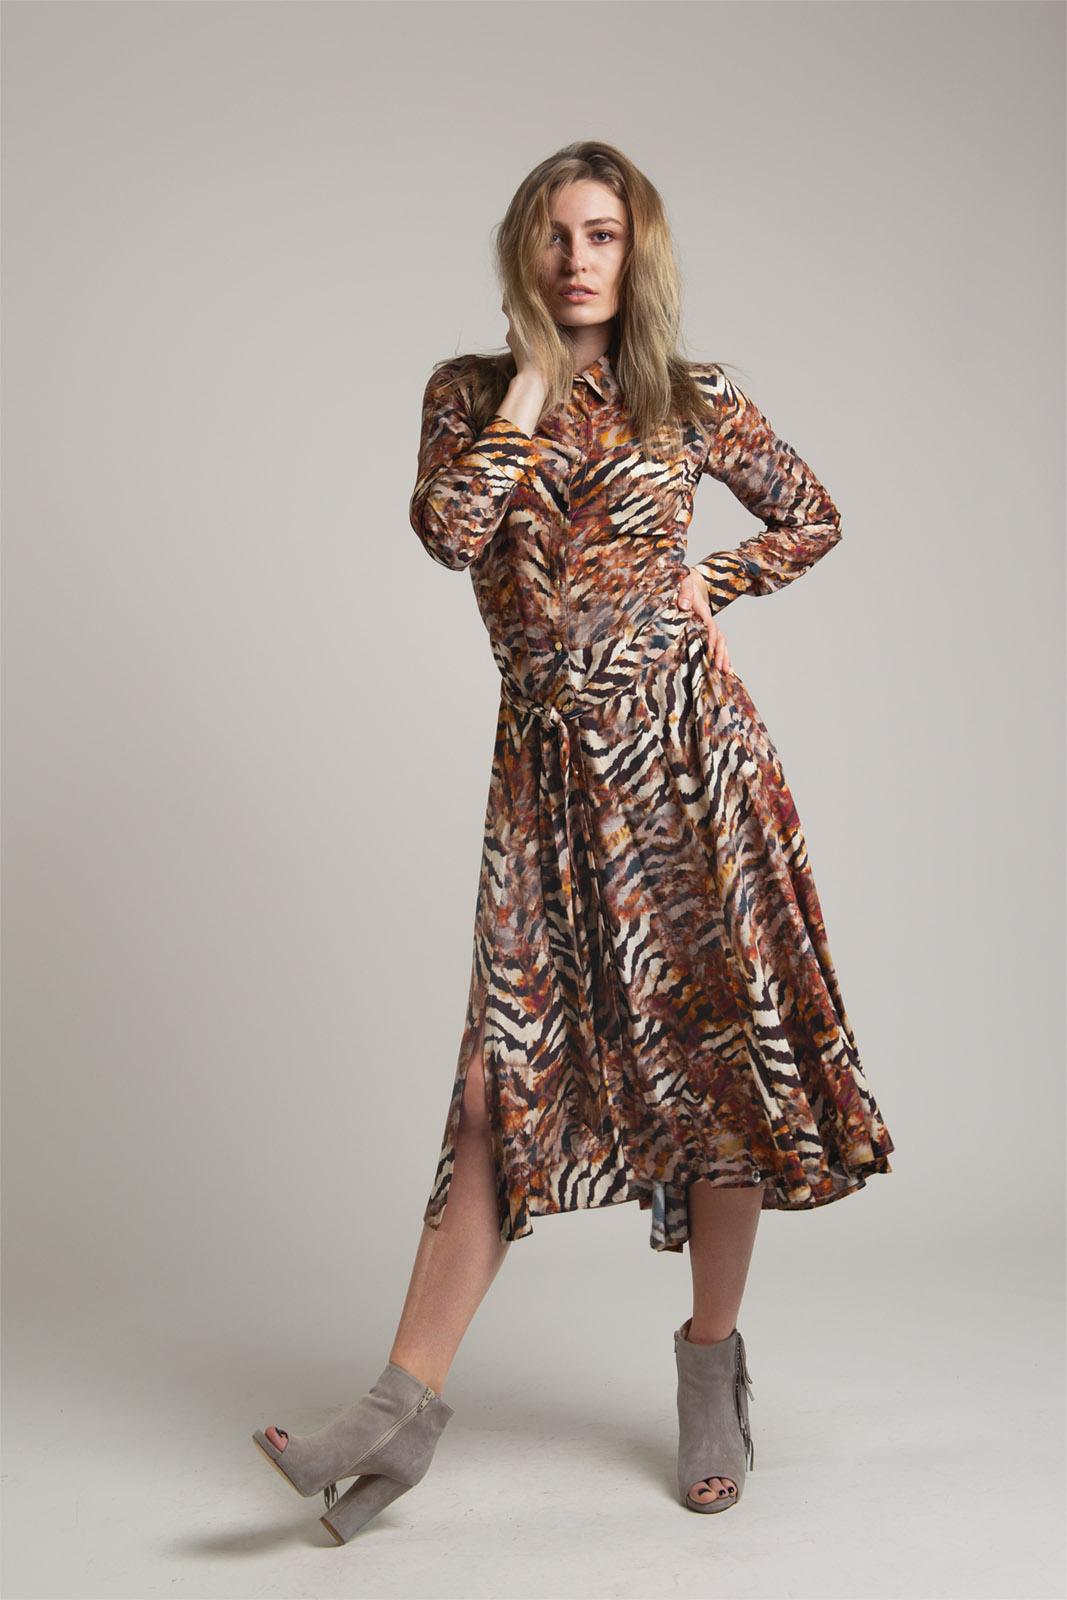 brązowa sukienka ze zwierzęcym motywem na guziki